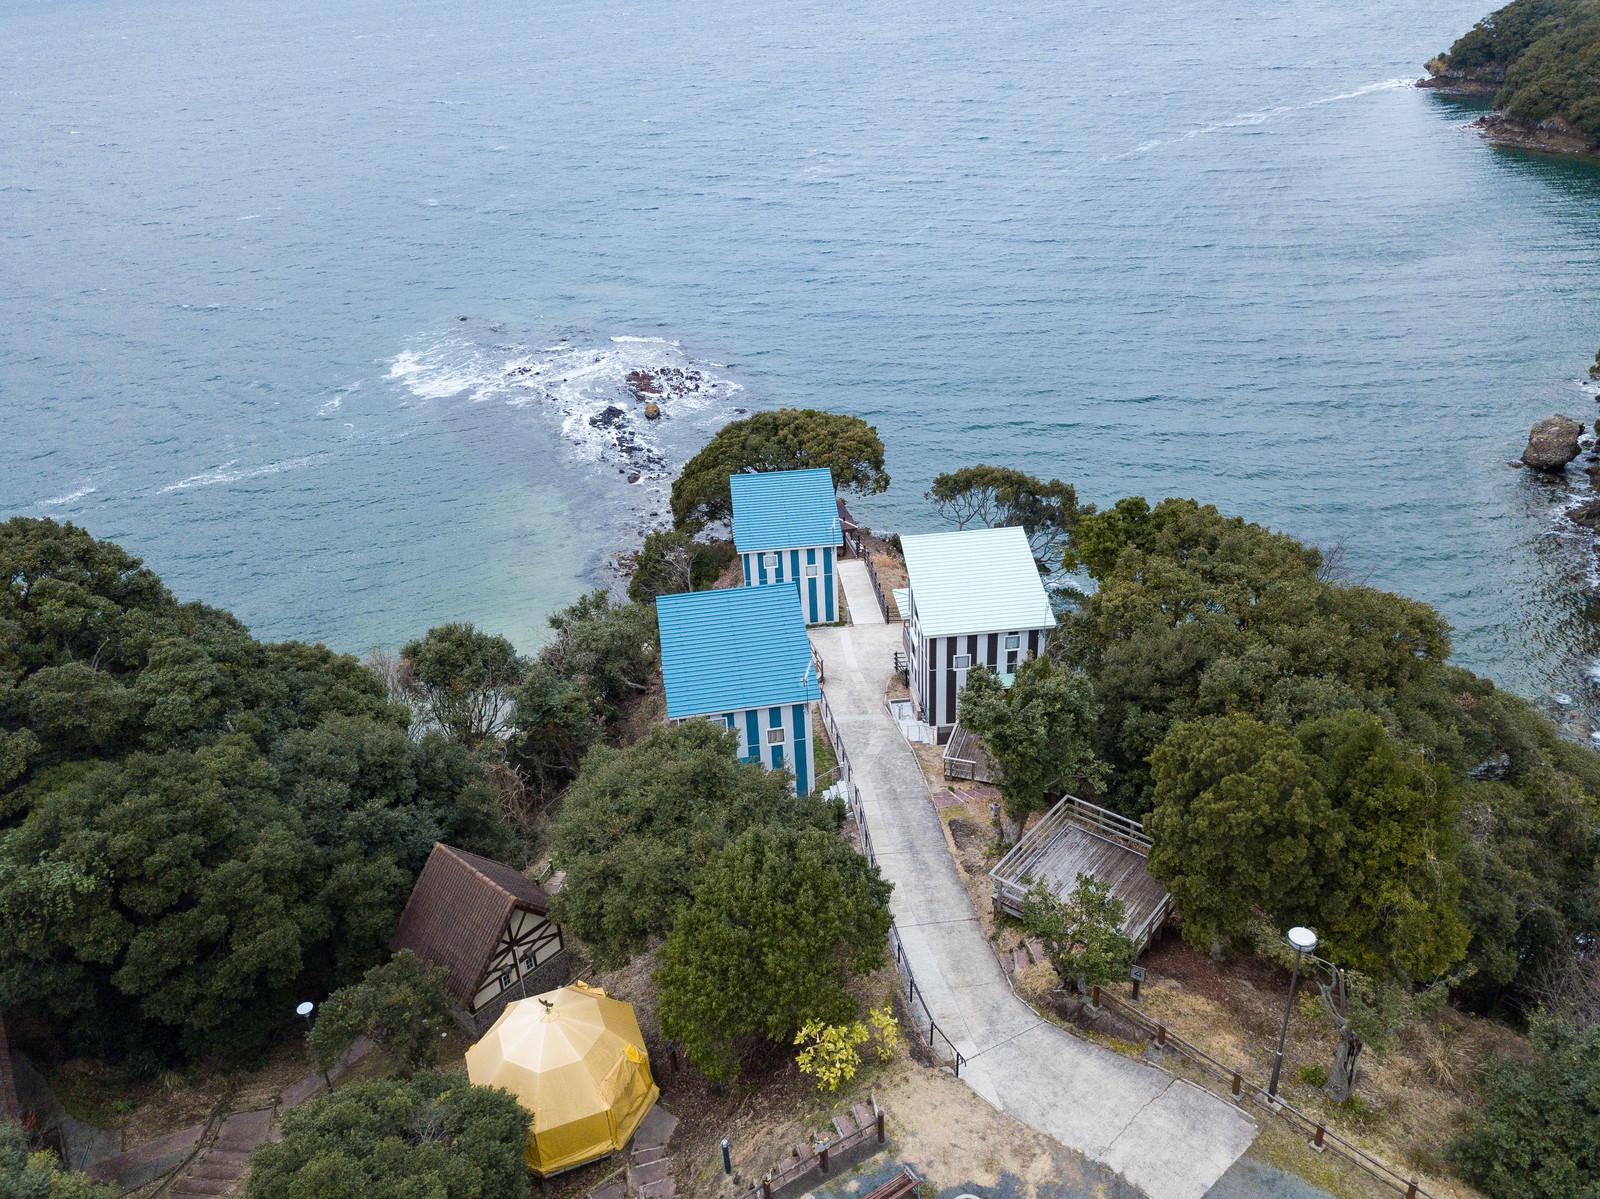 「崎野自然公園キャンプ場に新設されたコテージを上空から撮影 | 写真の無料素材・フリー素材 - ぱくたそ」の写真